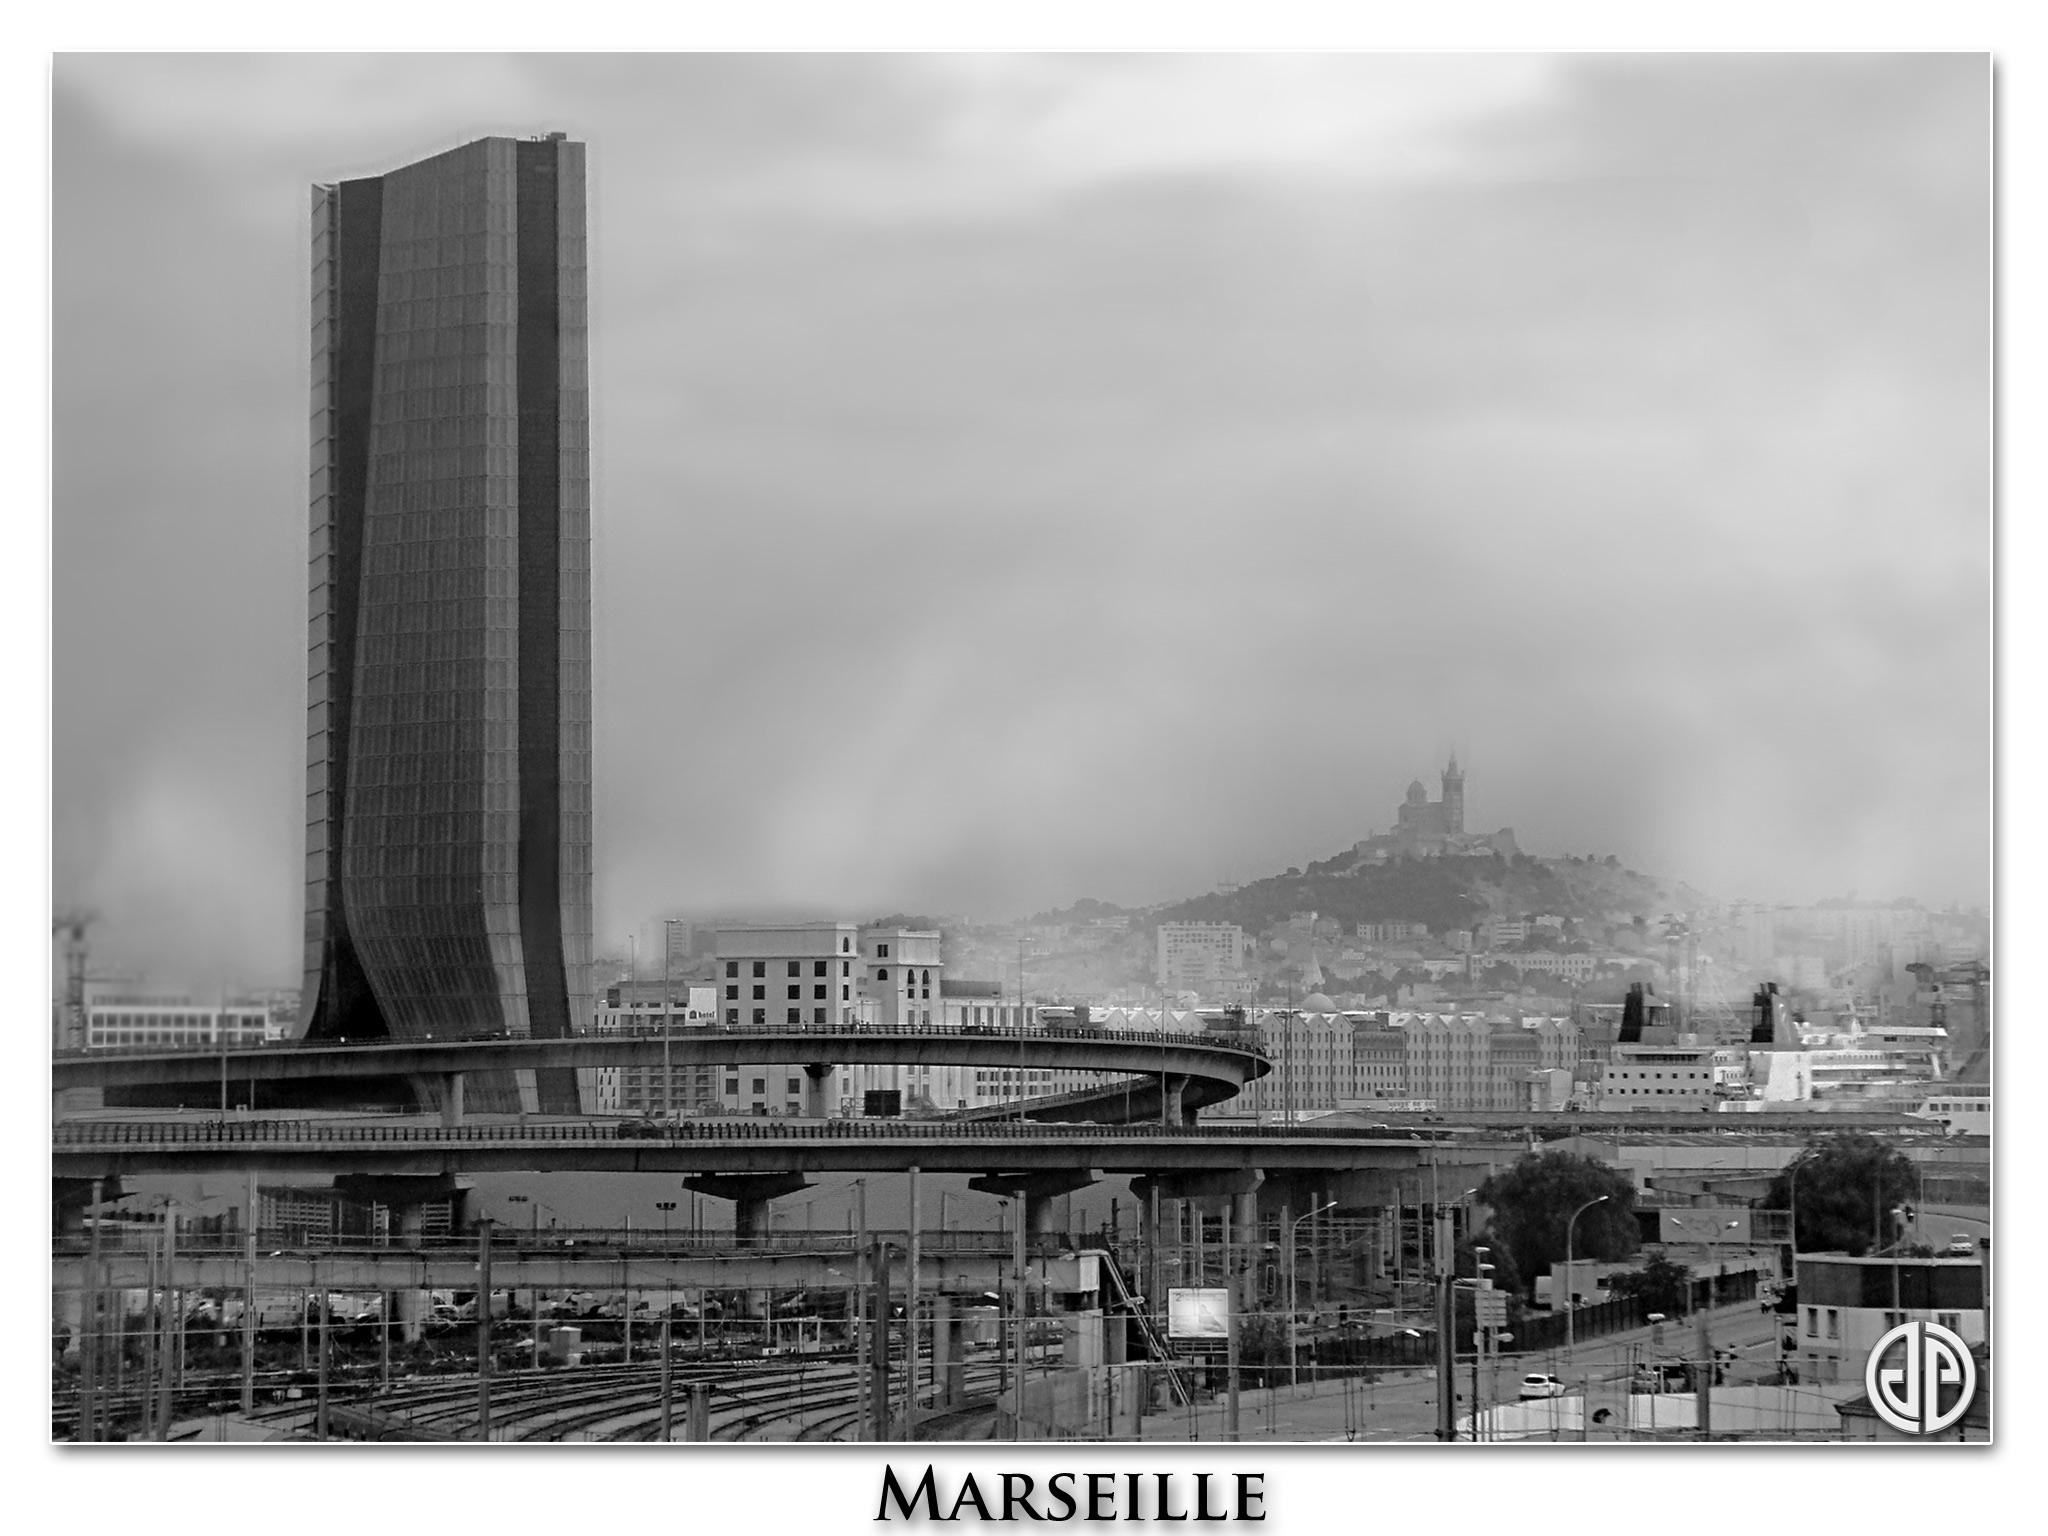 Marseille-noir-&-blanc-Notre-dame-de-la-garde-02